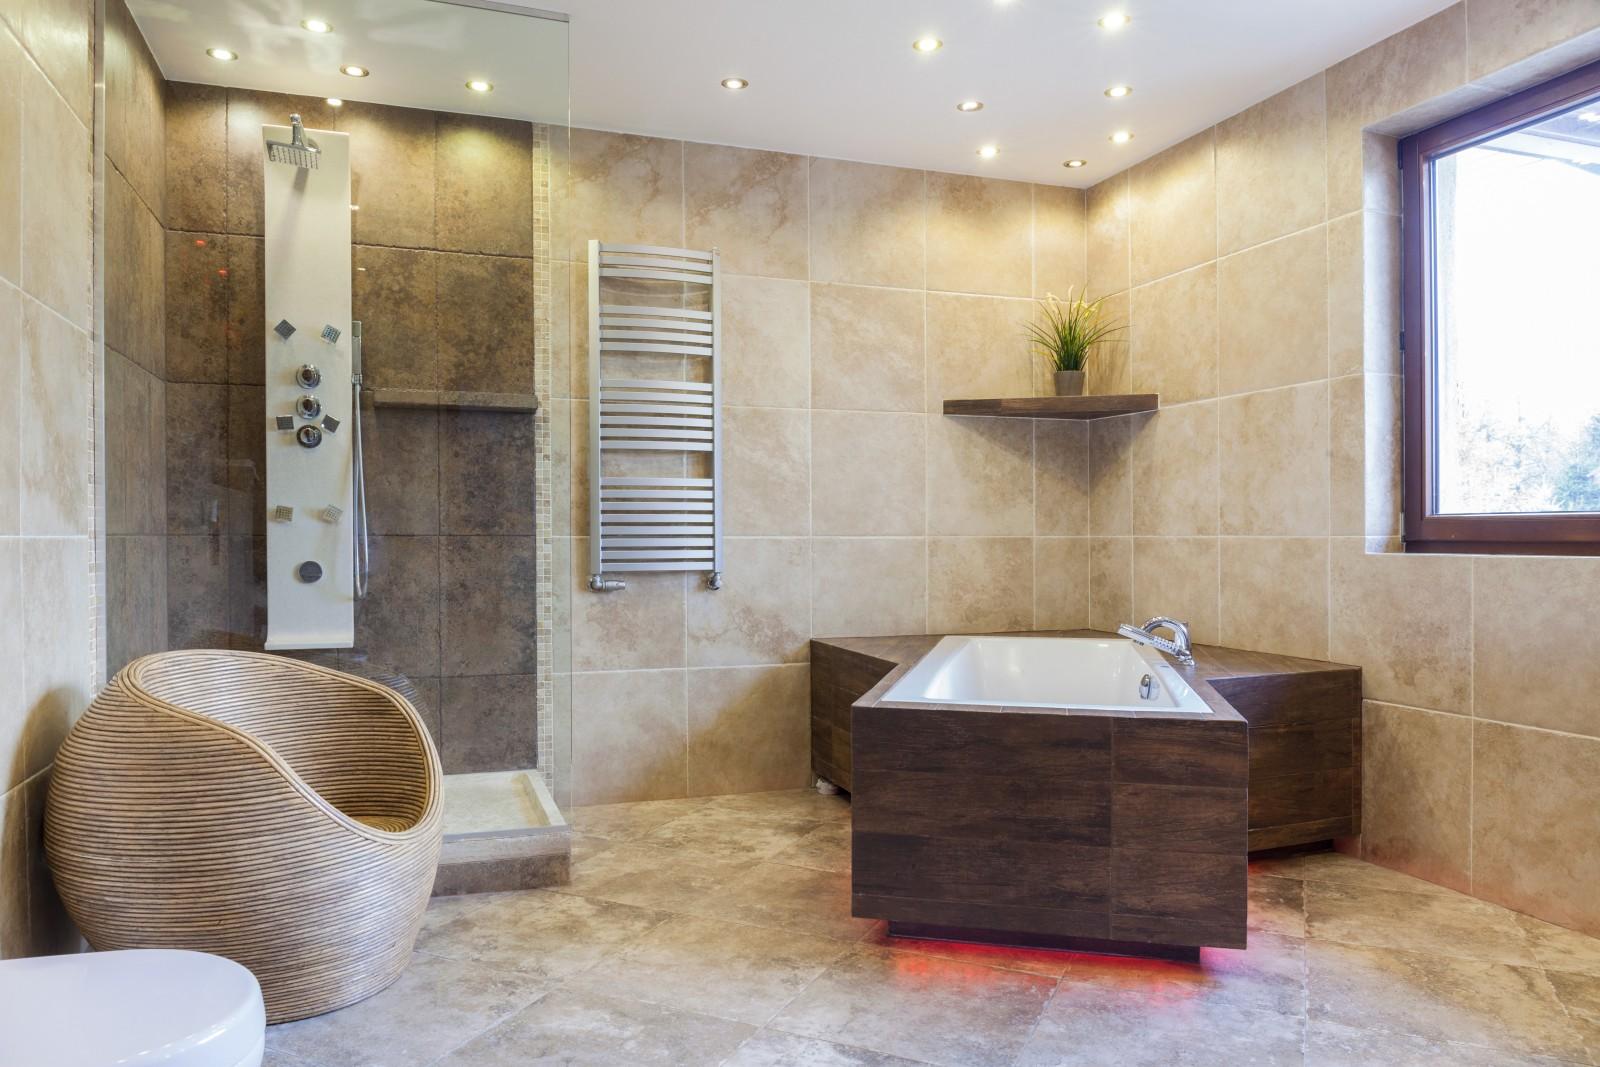 Fürdőszobai spotvilágítás esetén IP44 vízvédettségű lámpatesteket használnak.